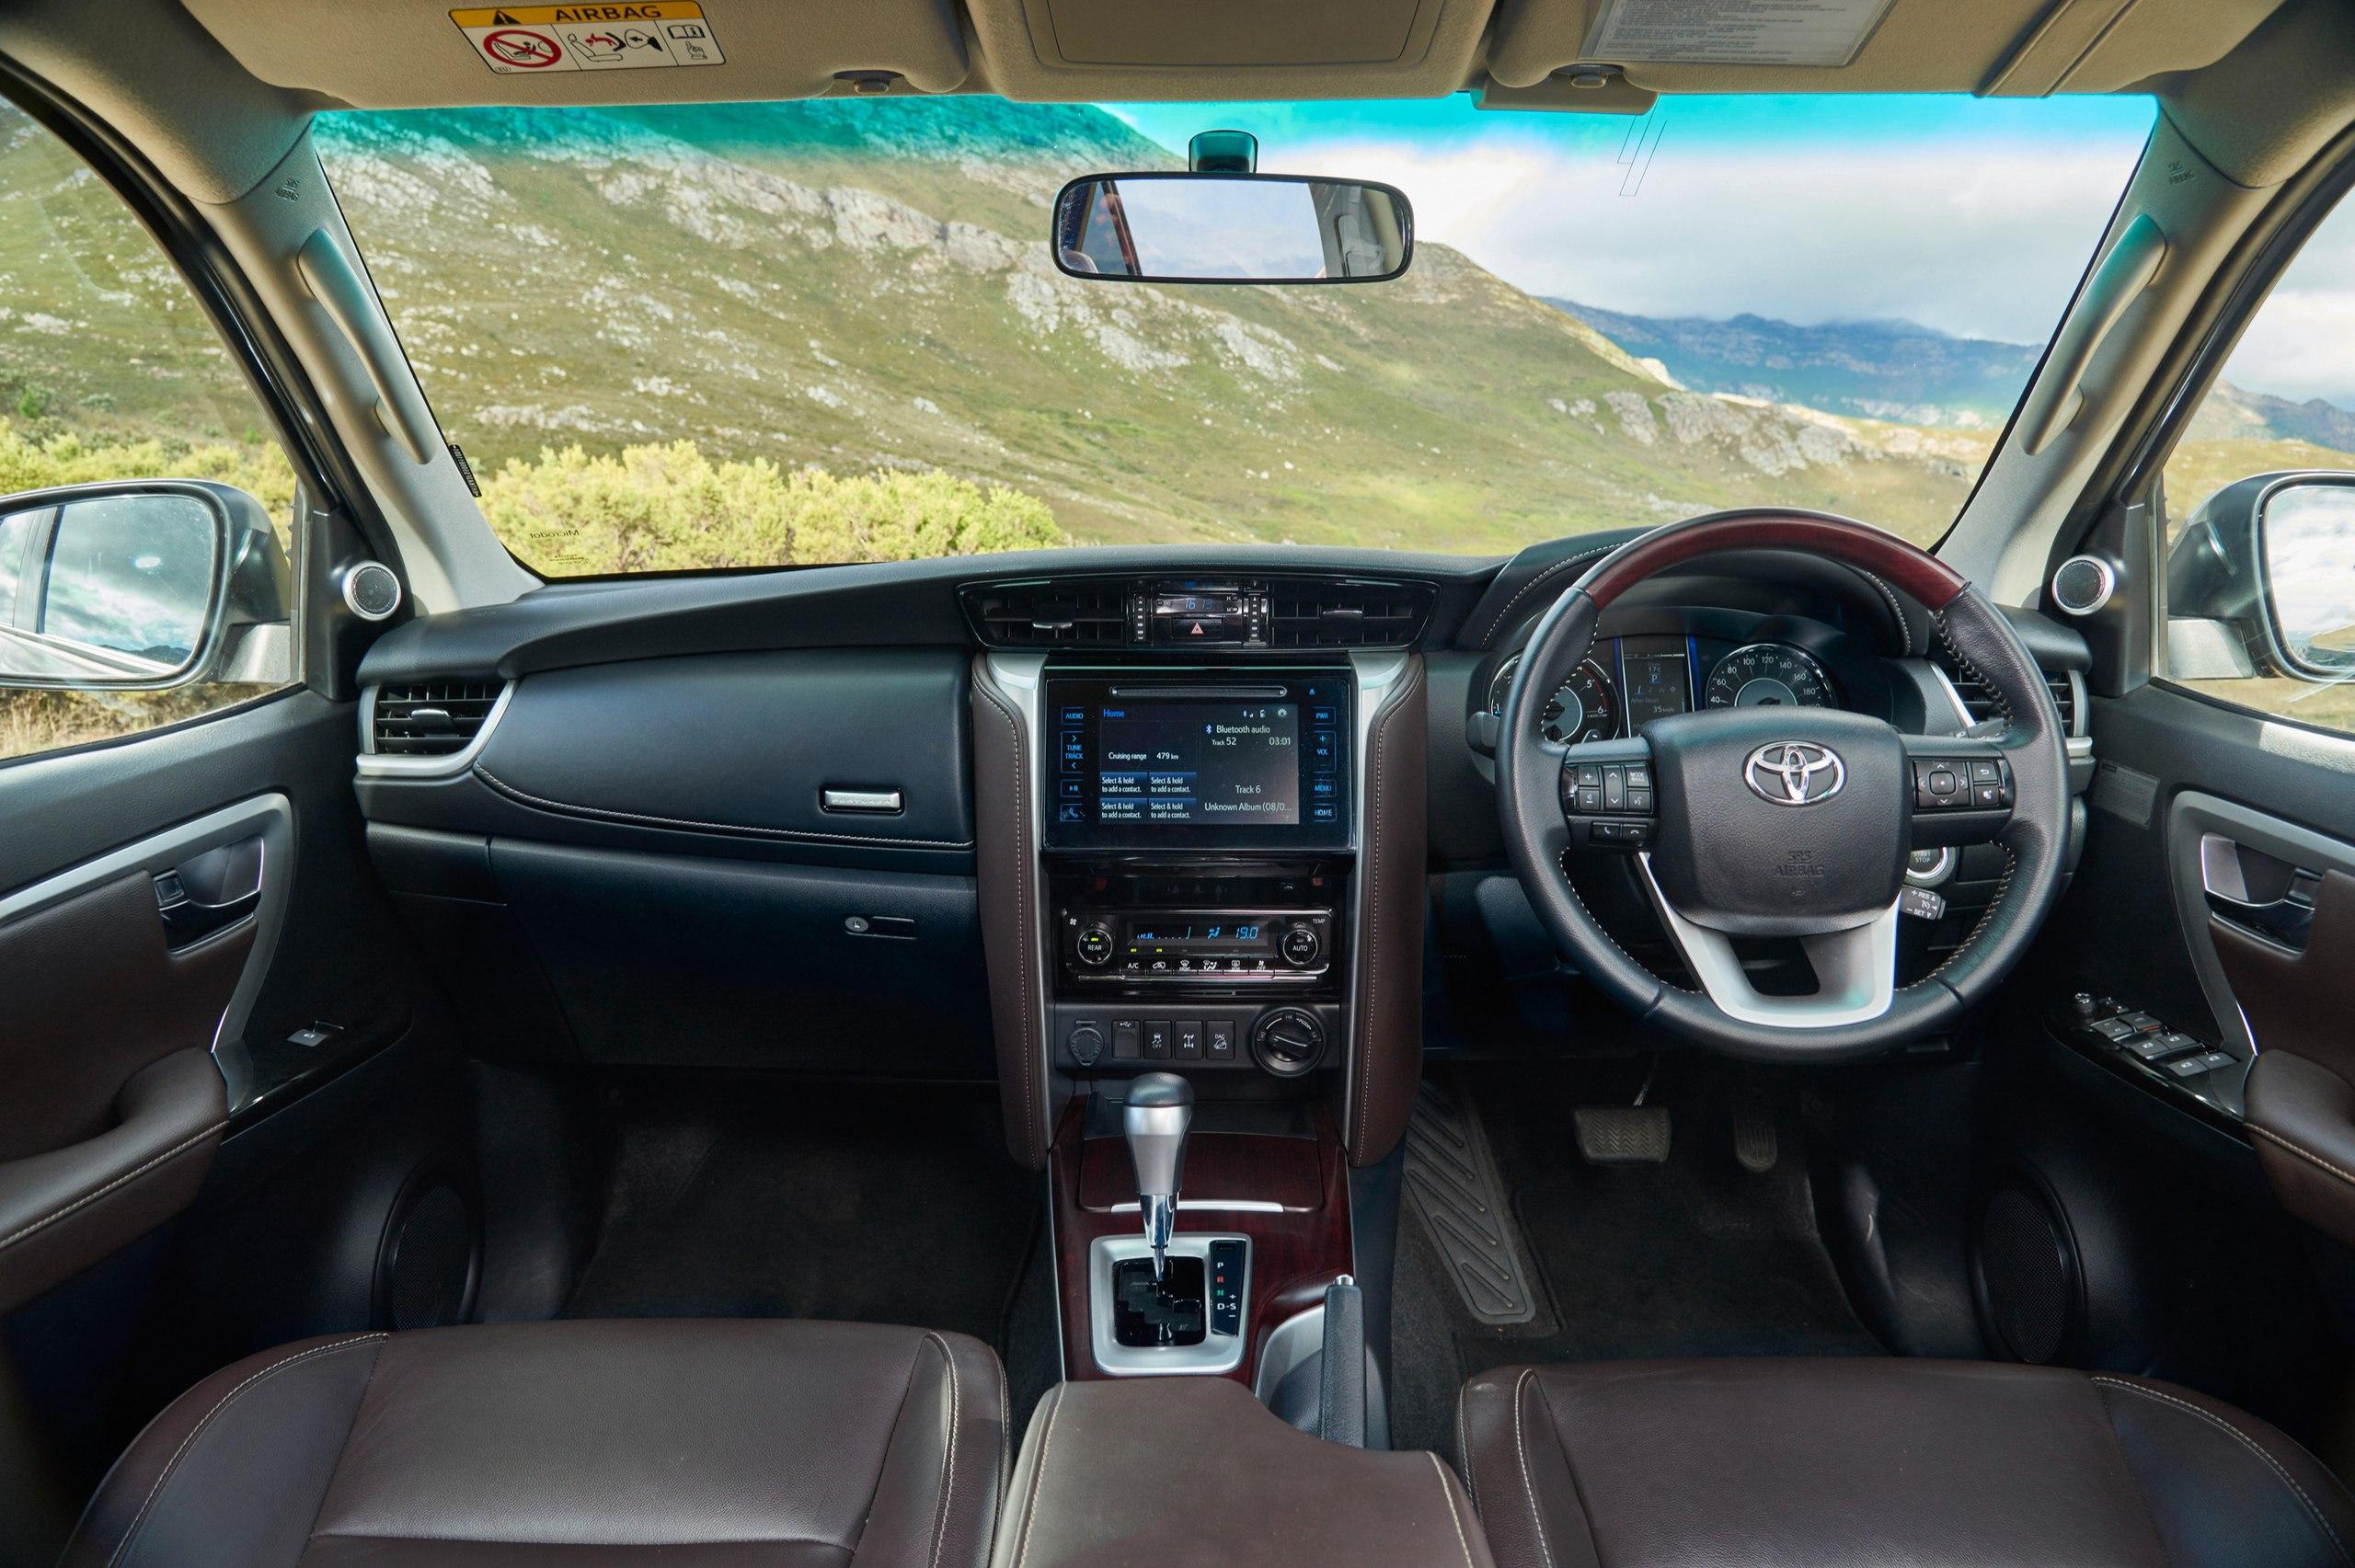 В России будут продавать «младшего брата» Toyota Land Cruiser  На нашем рынке должен появиться рамный внедорожник Toyota Fortuner, построенный на агрегатах пикапа Hilux  Этот внедорожник представлен на рынках Азии, Африки, Австралии, Южной Америки и Ближнего Востока.